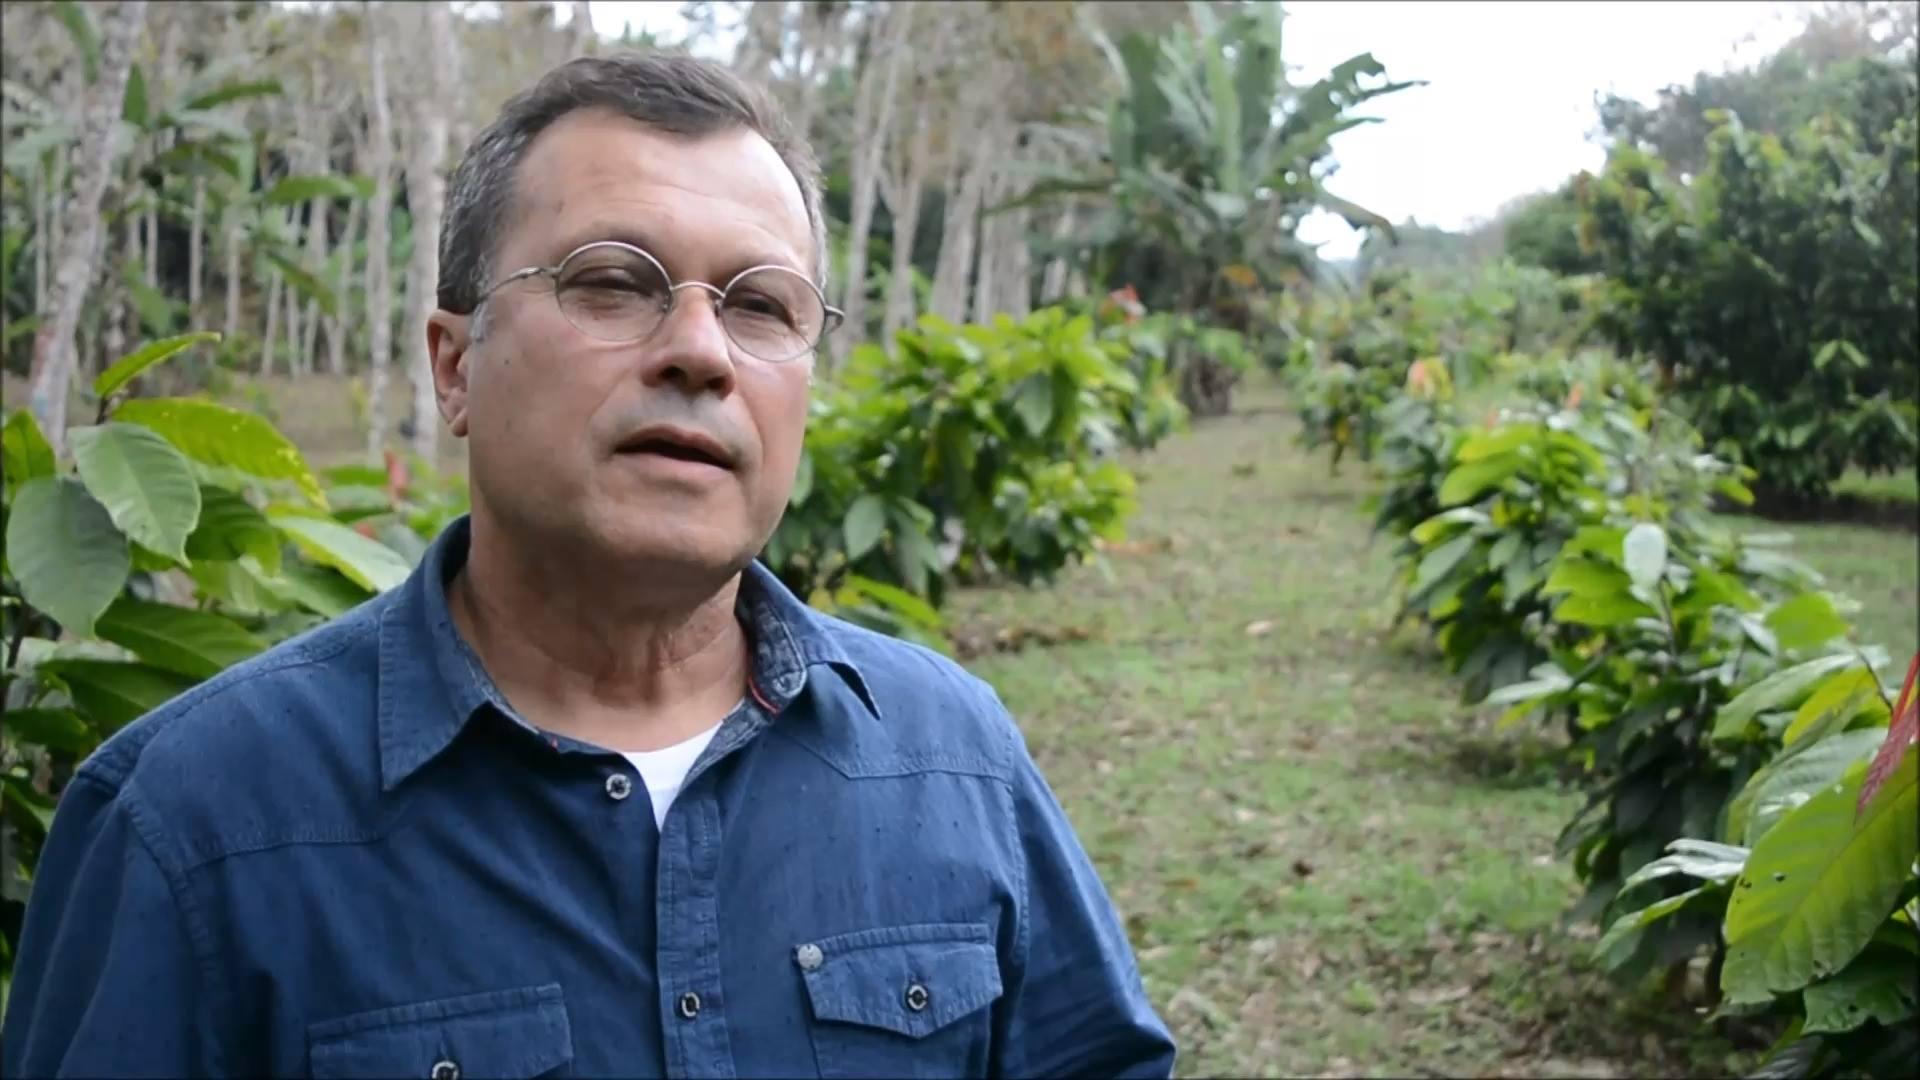 Veja o que disse Paulo Marrocos, pesquisador de nutrição de plantas da Ceplac, sobre a Biofábrica. Aperte o play!